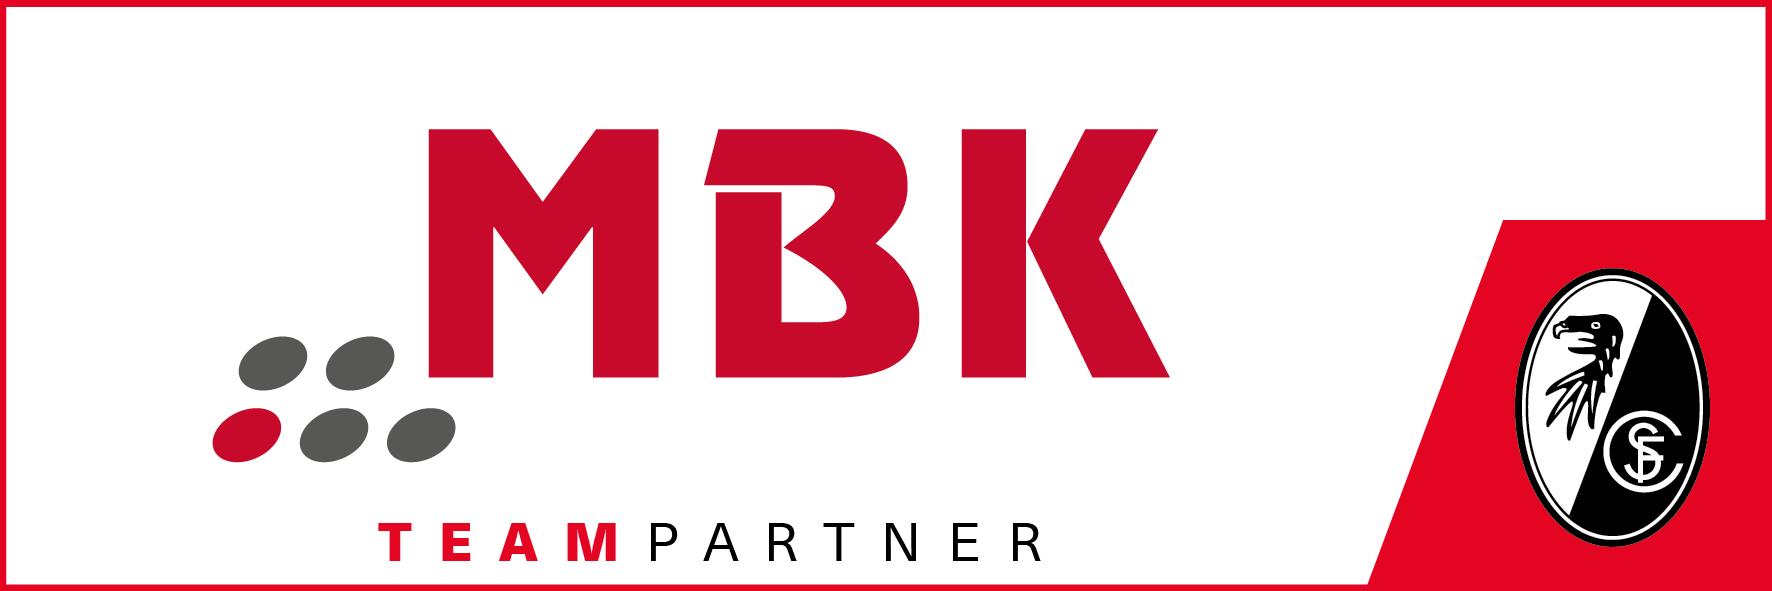 MBK Teampartner_Composite_Logo